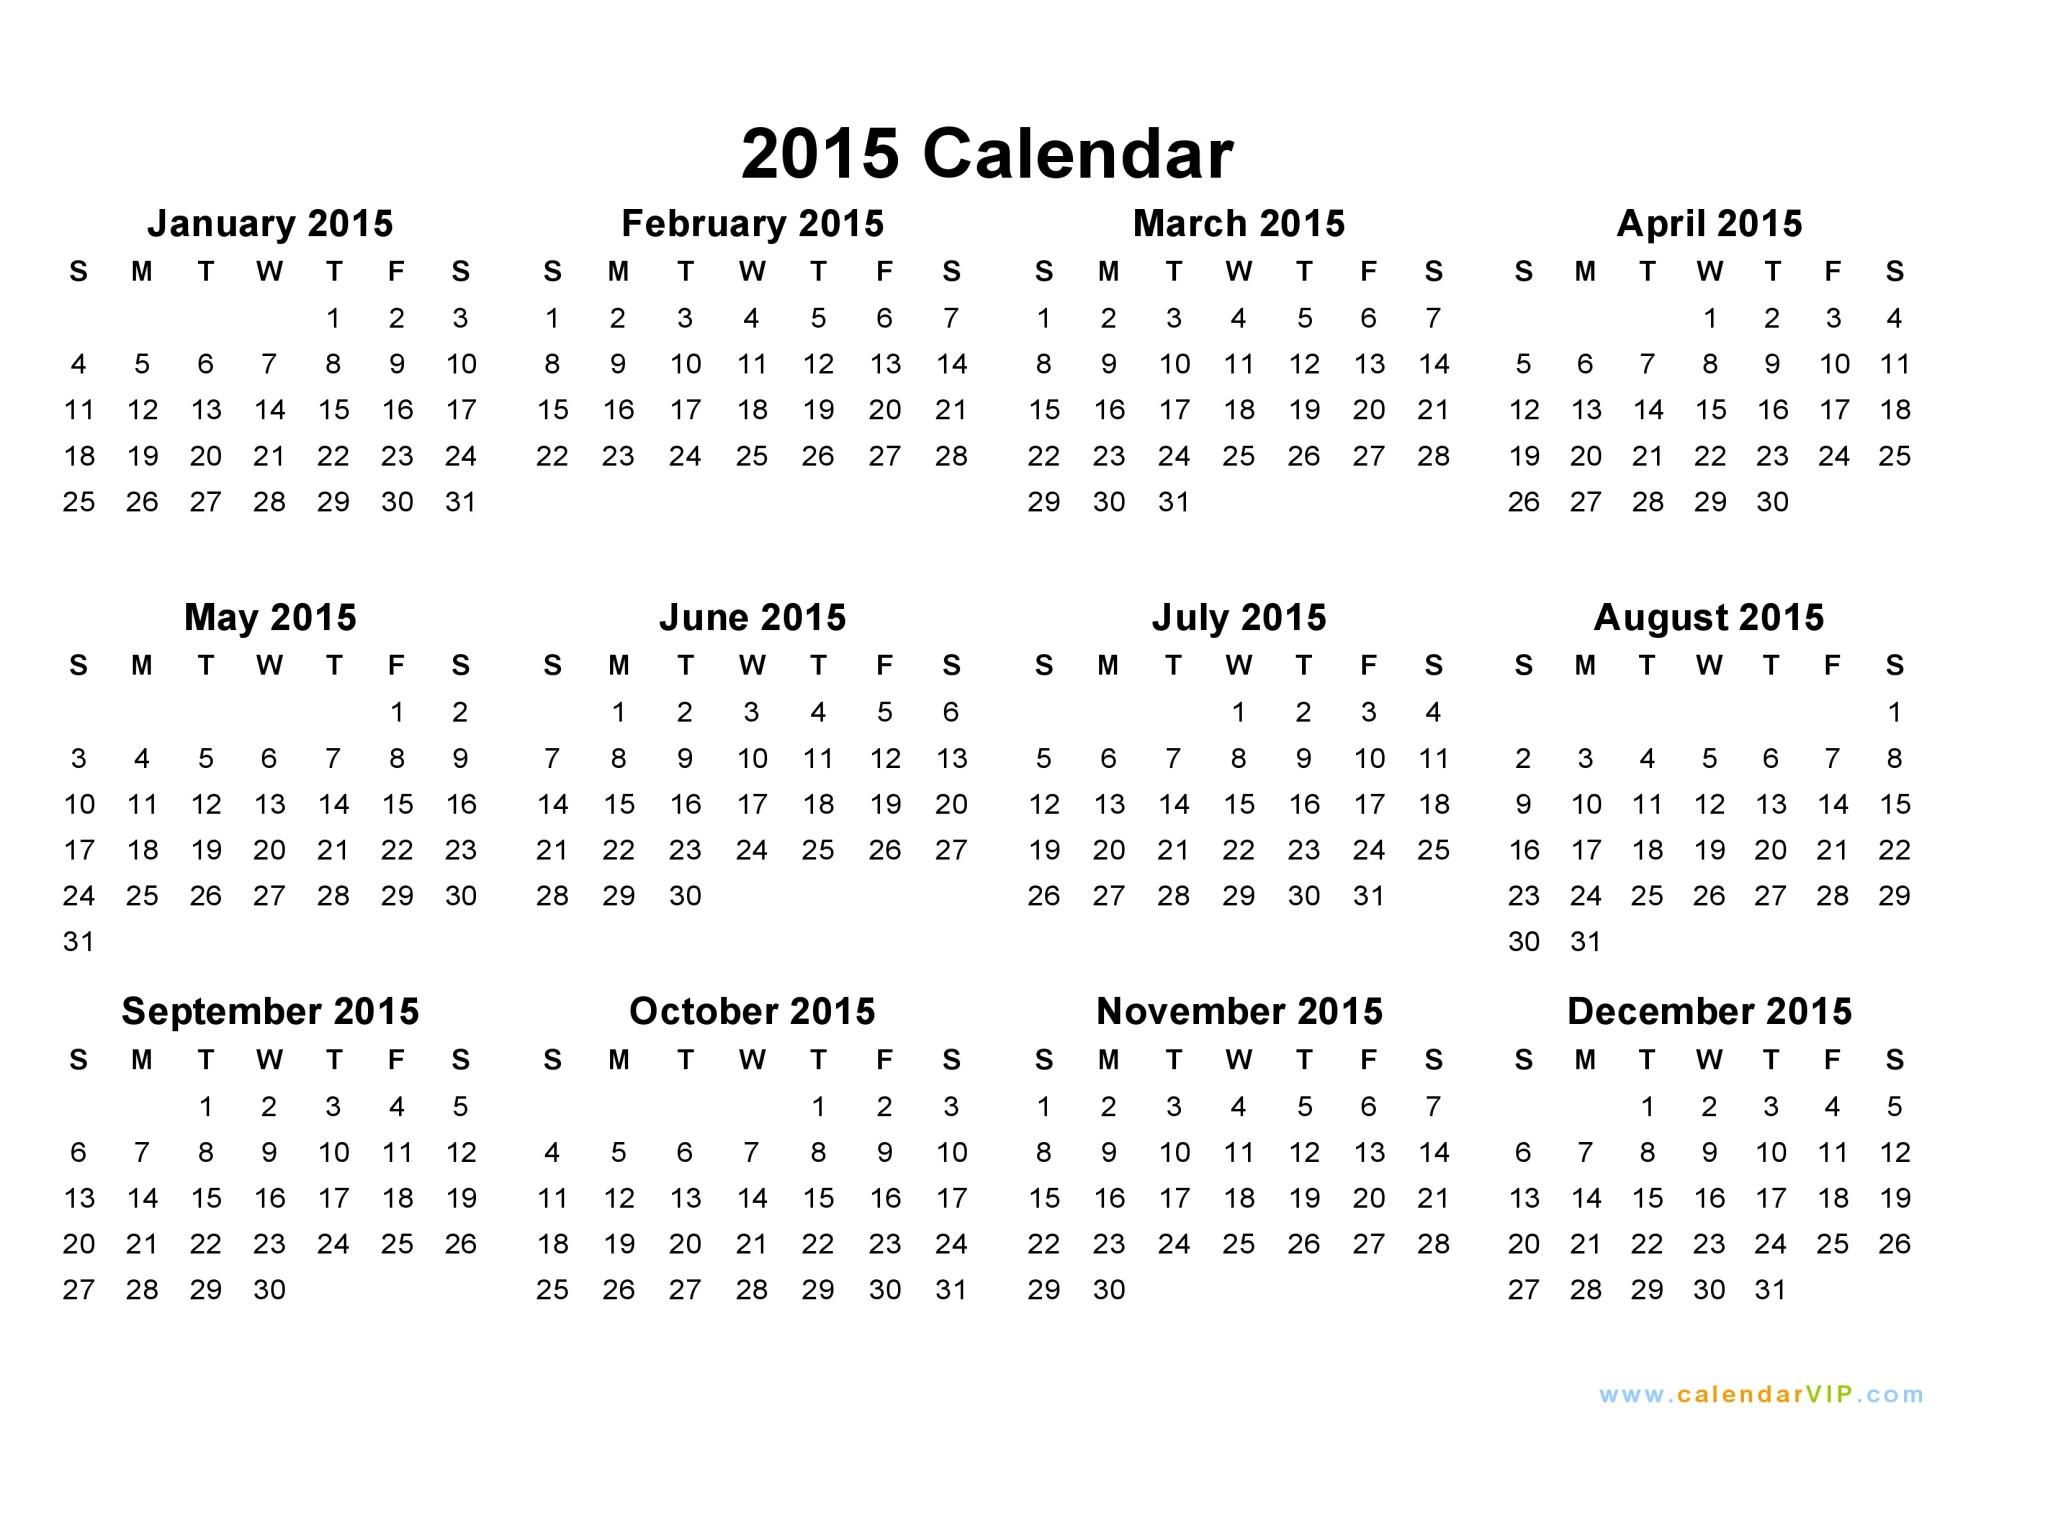 2015 Calendar Blank Printable Calendar Template in PDF Word Excel